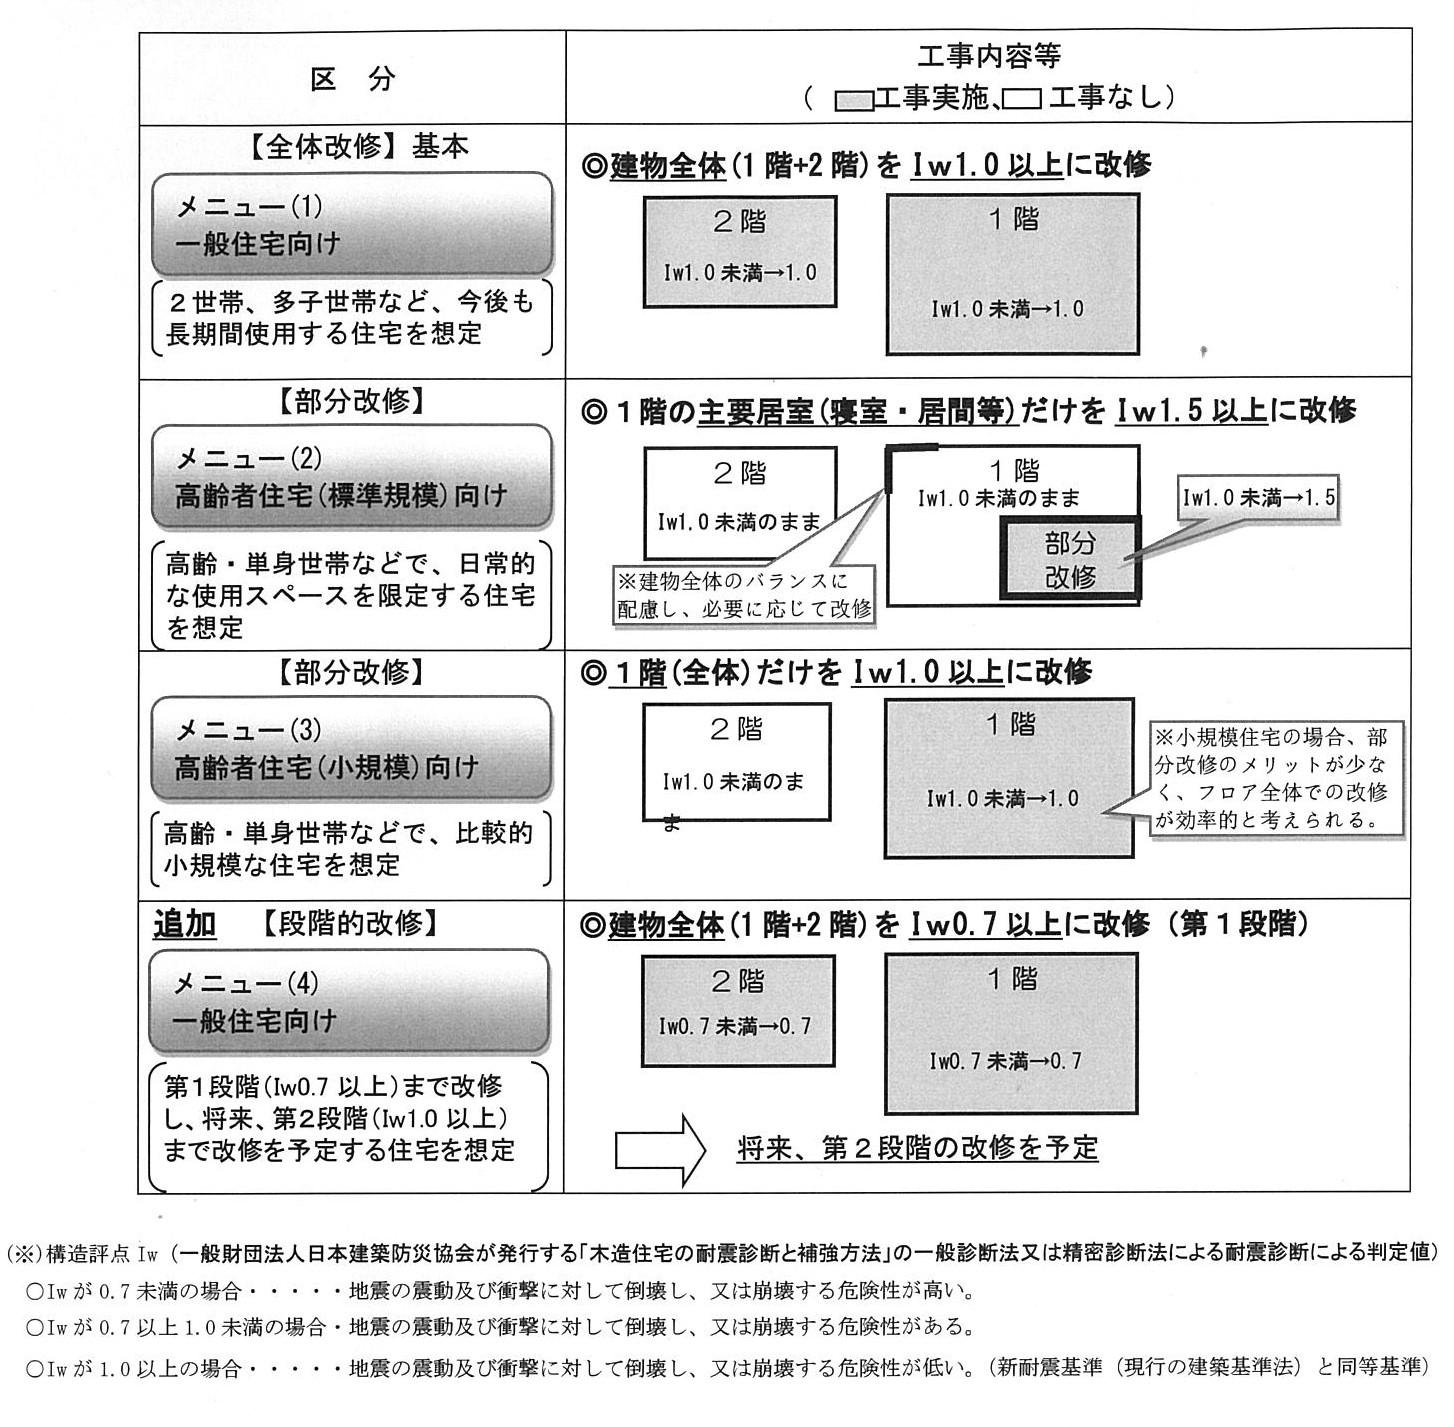 耐震改修工事メニュー